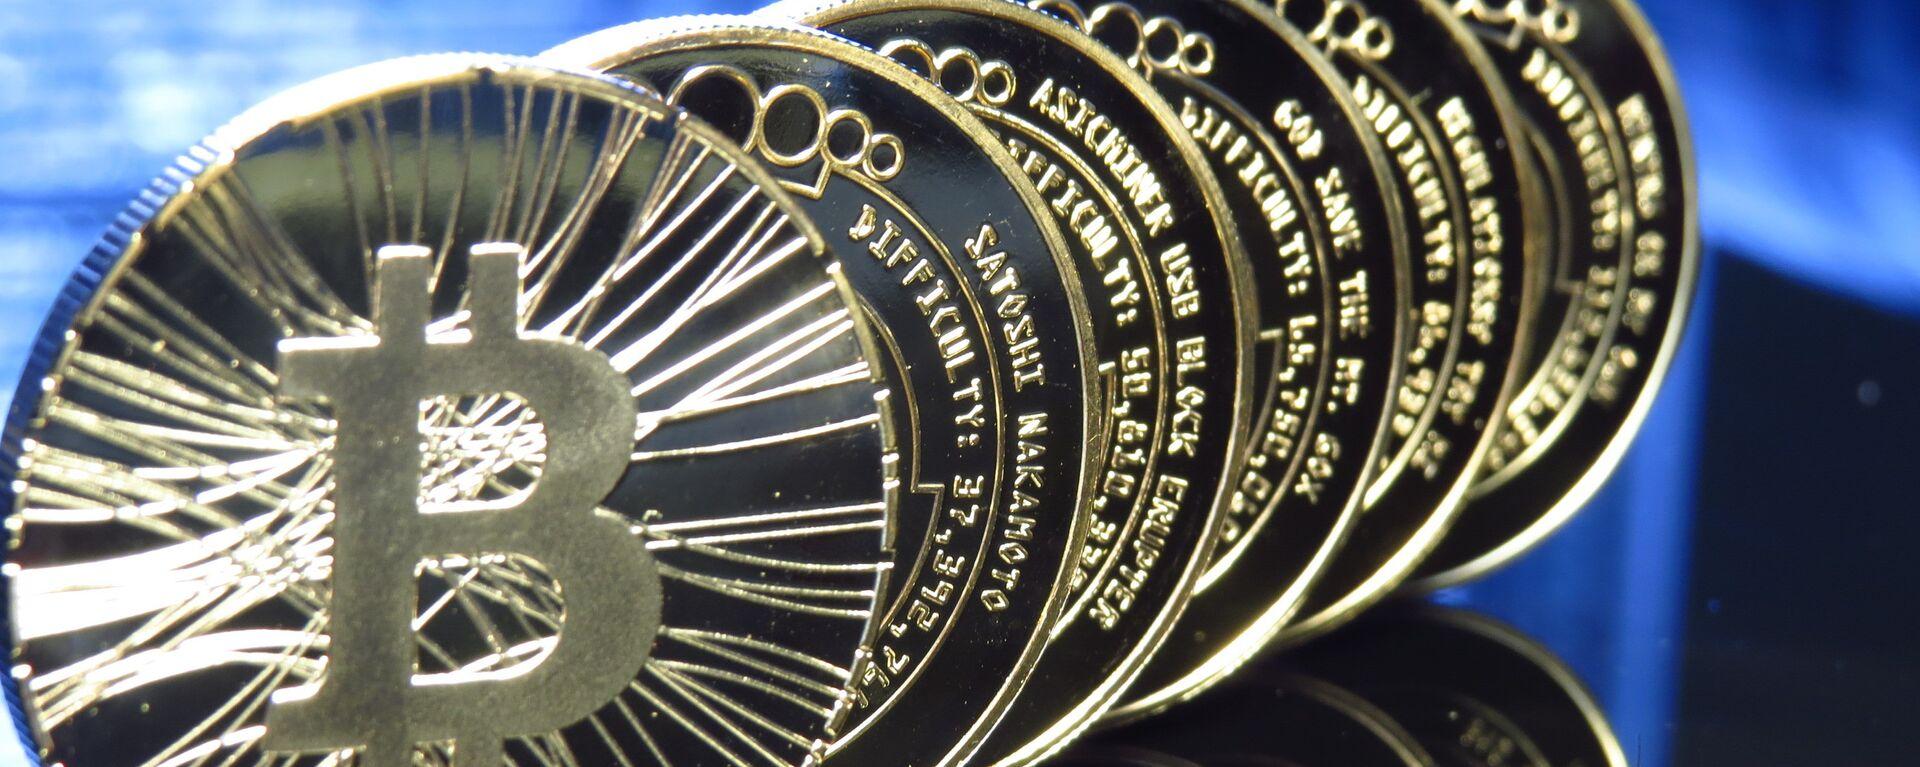 Bitcoin - Sputnik Italia, 1920, 27.08.2021